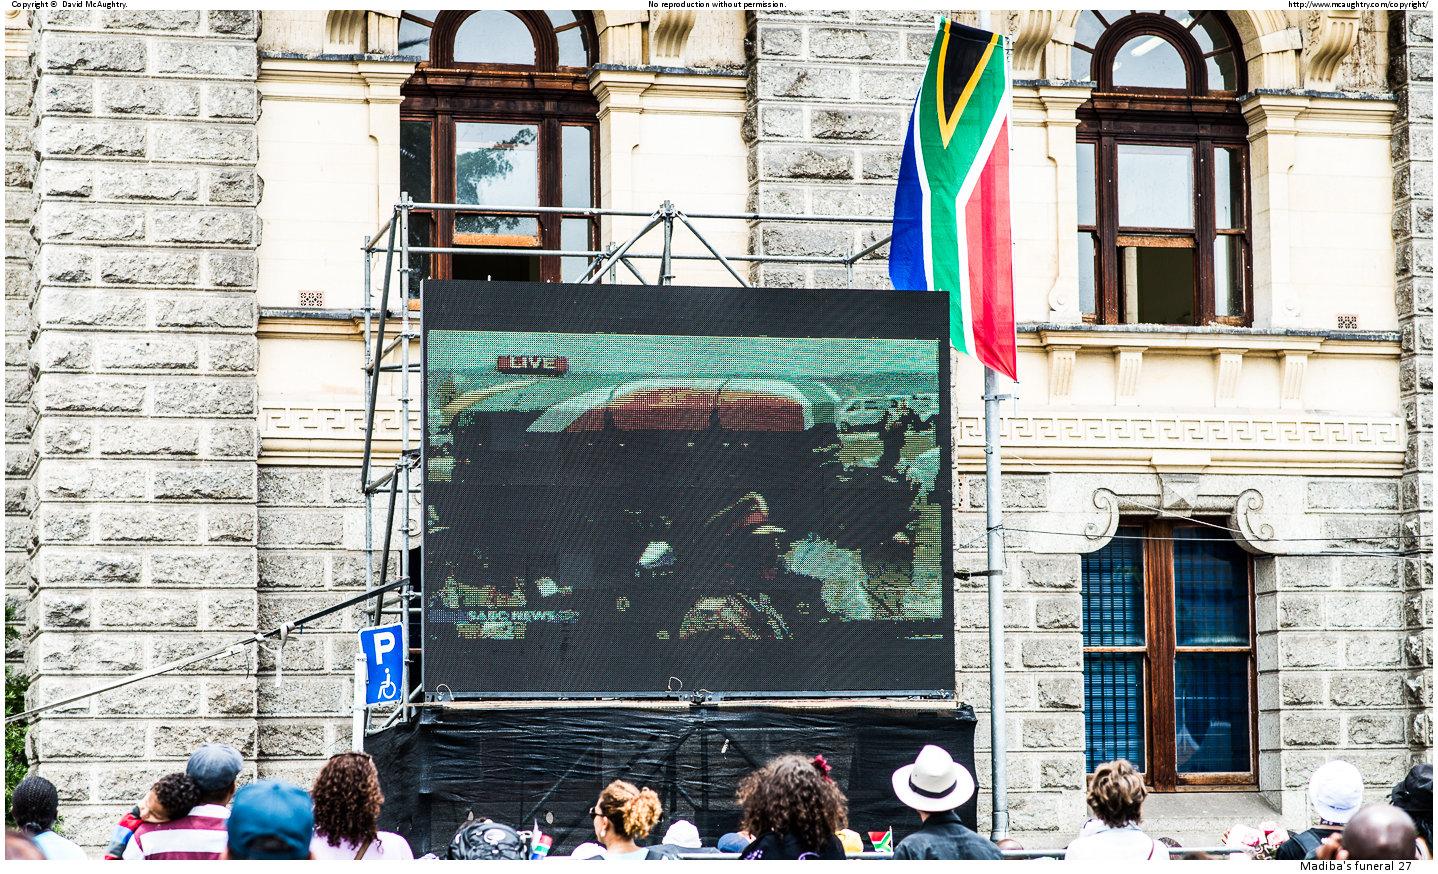 Madiba's funeral 27